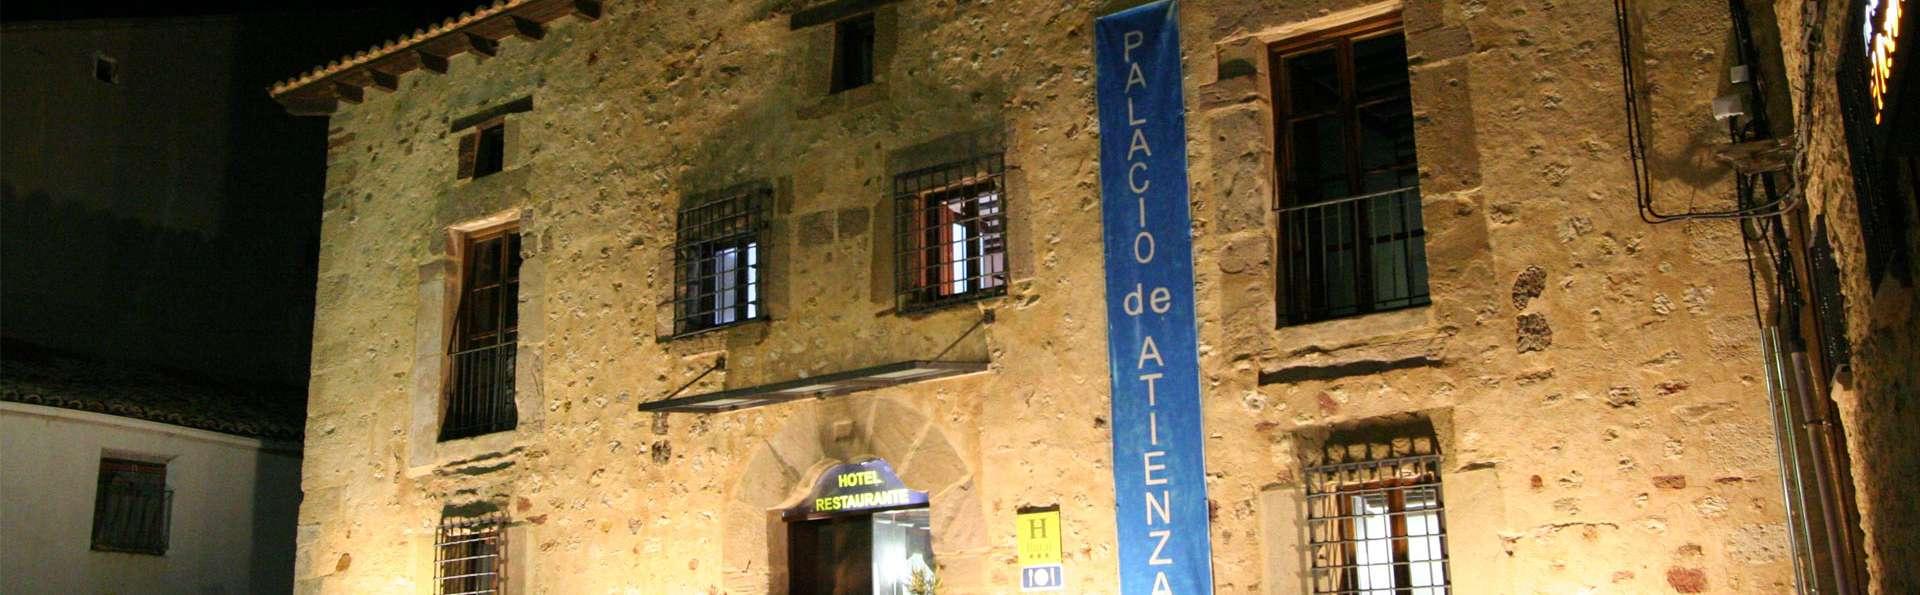 Antiguo Palacio de Atienza - edit_front.jpg